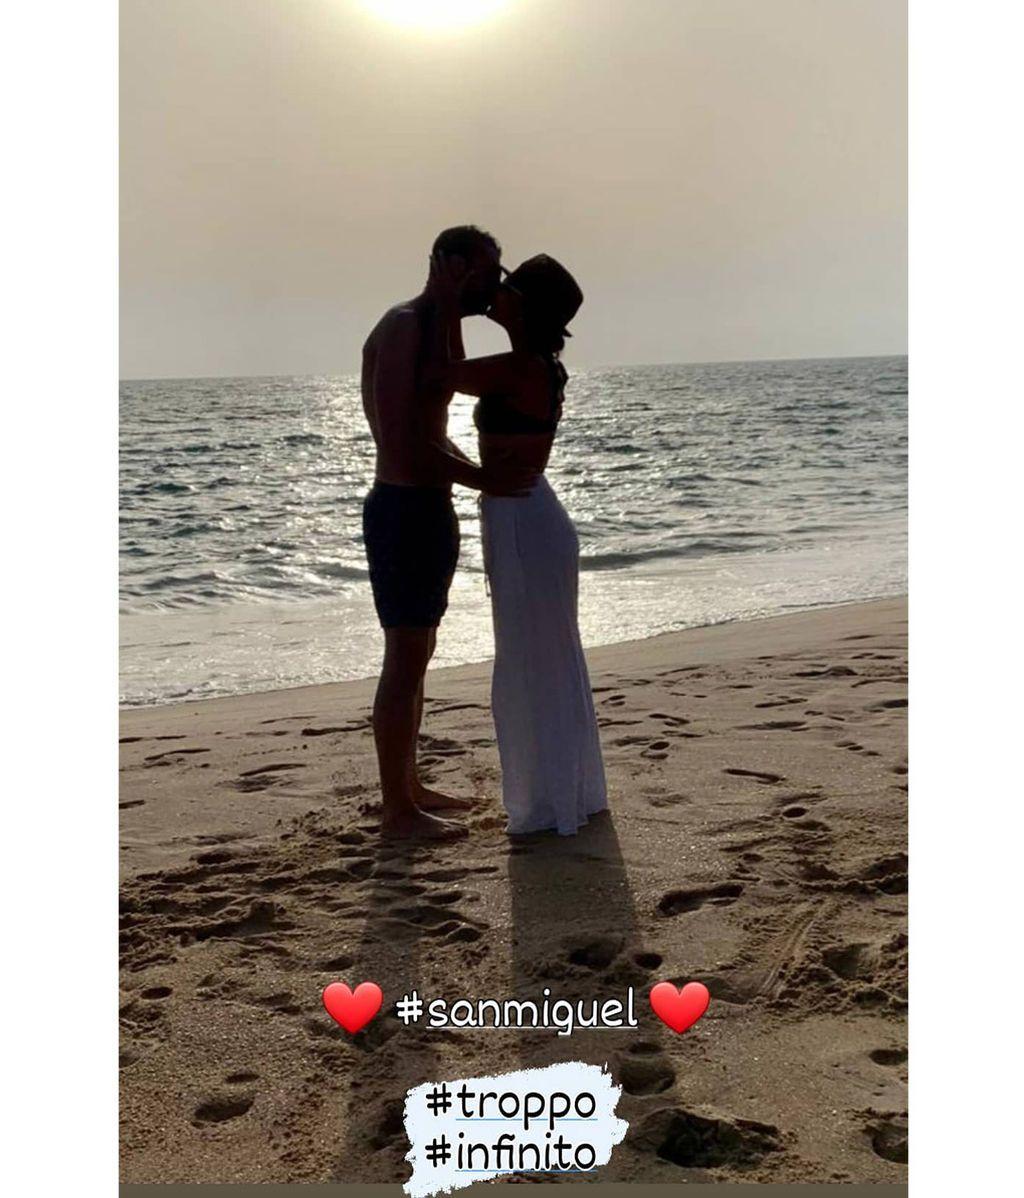 Chenoa besa a su prometido en la orilla de la playa